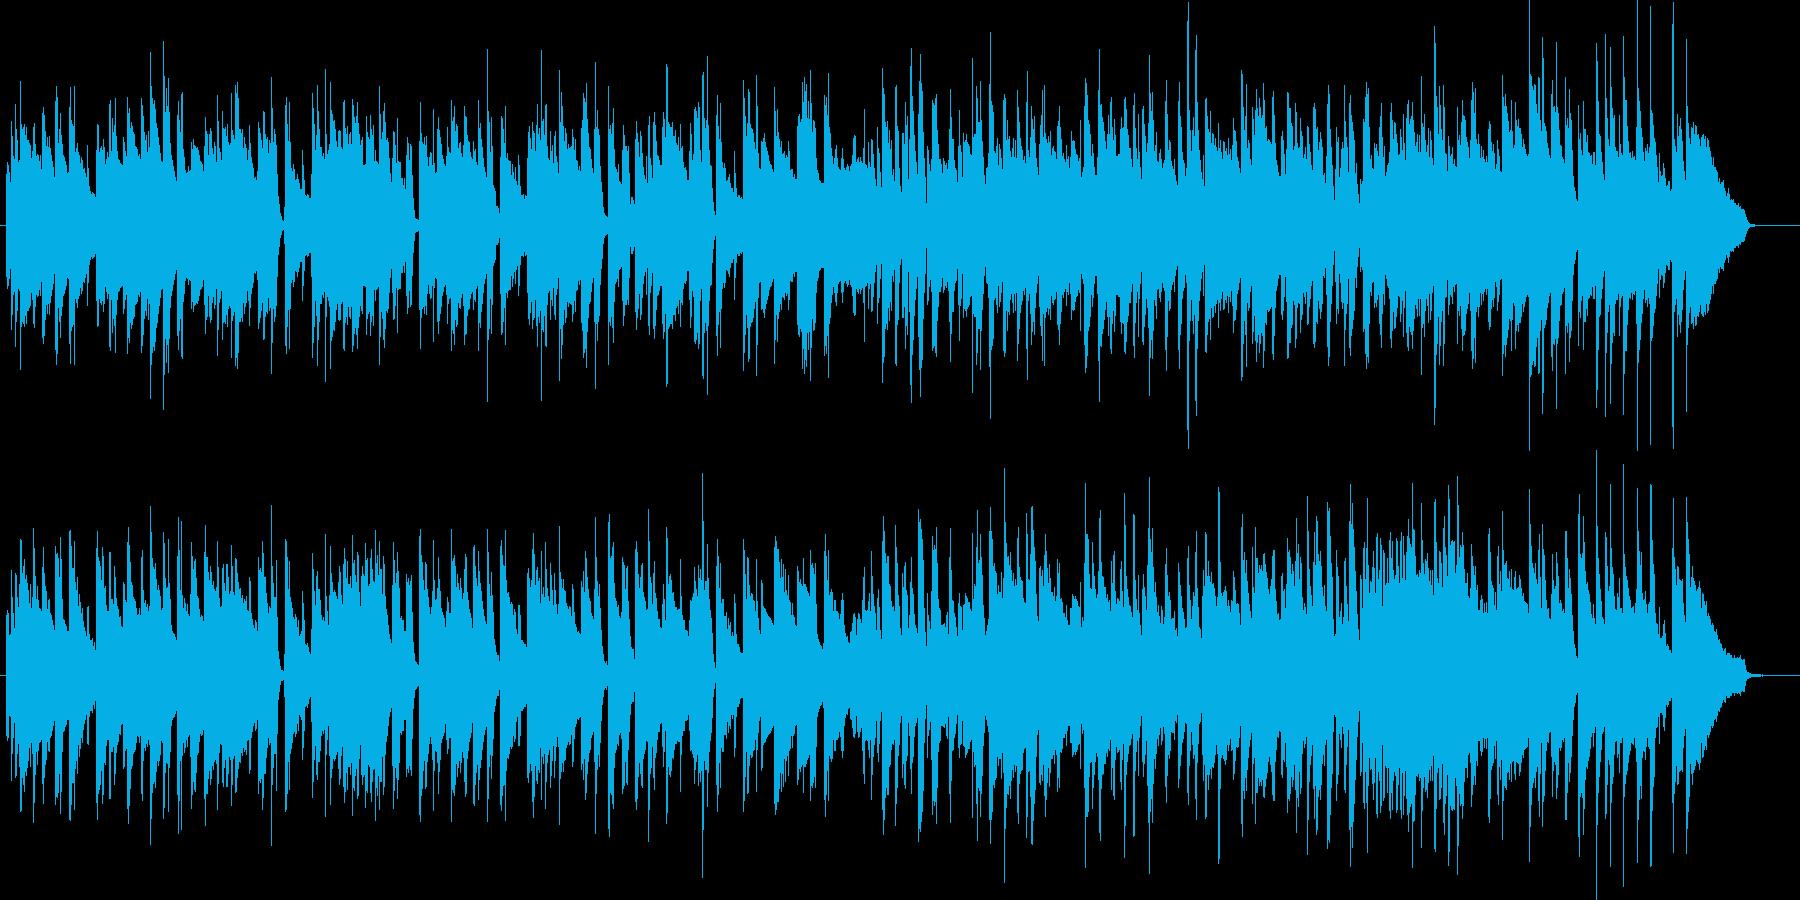 おしゃれな雰囲気のジャズトリオBGMの再生済みの波形